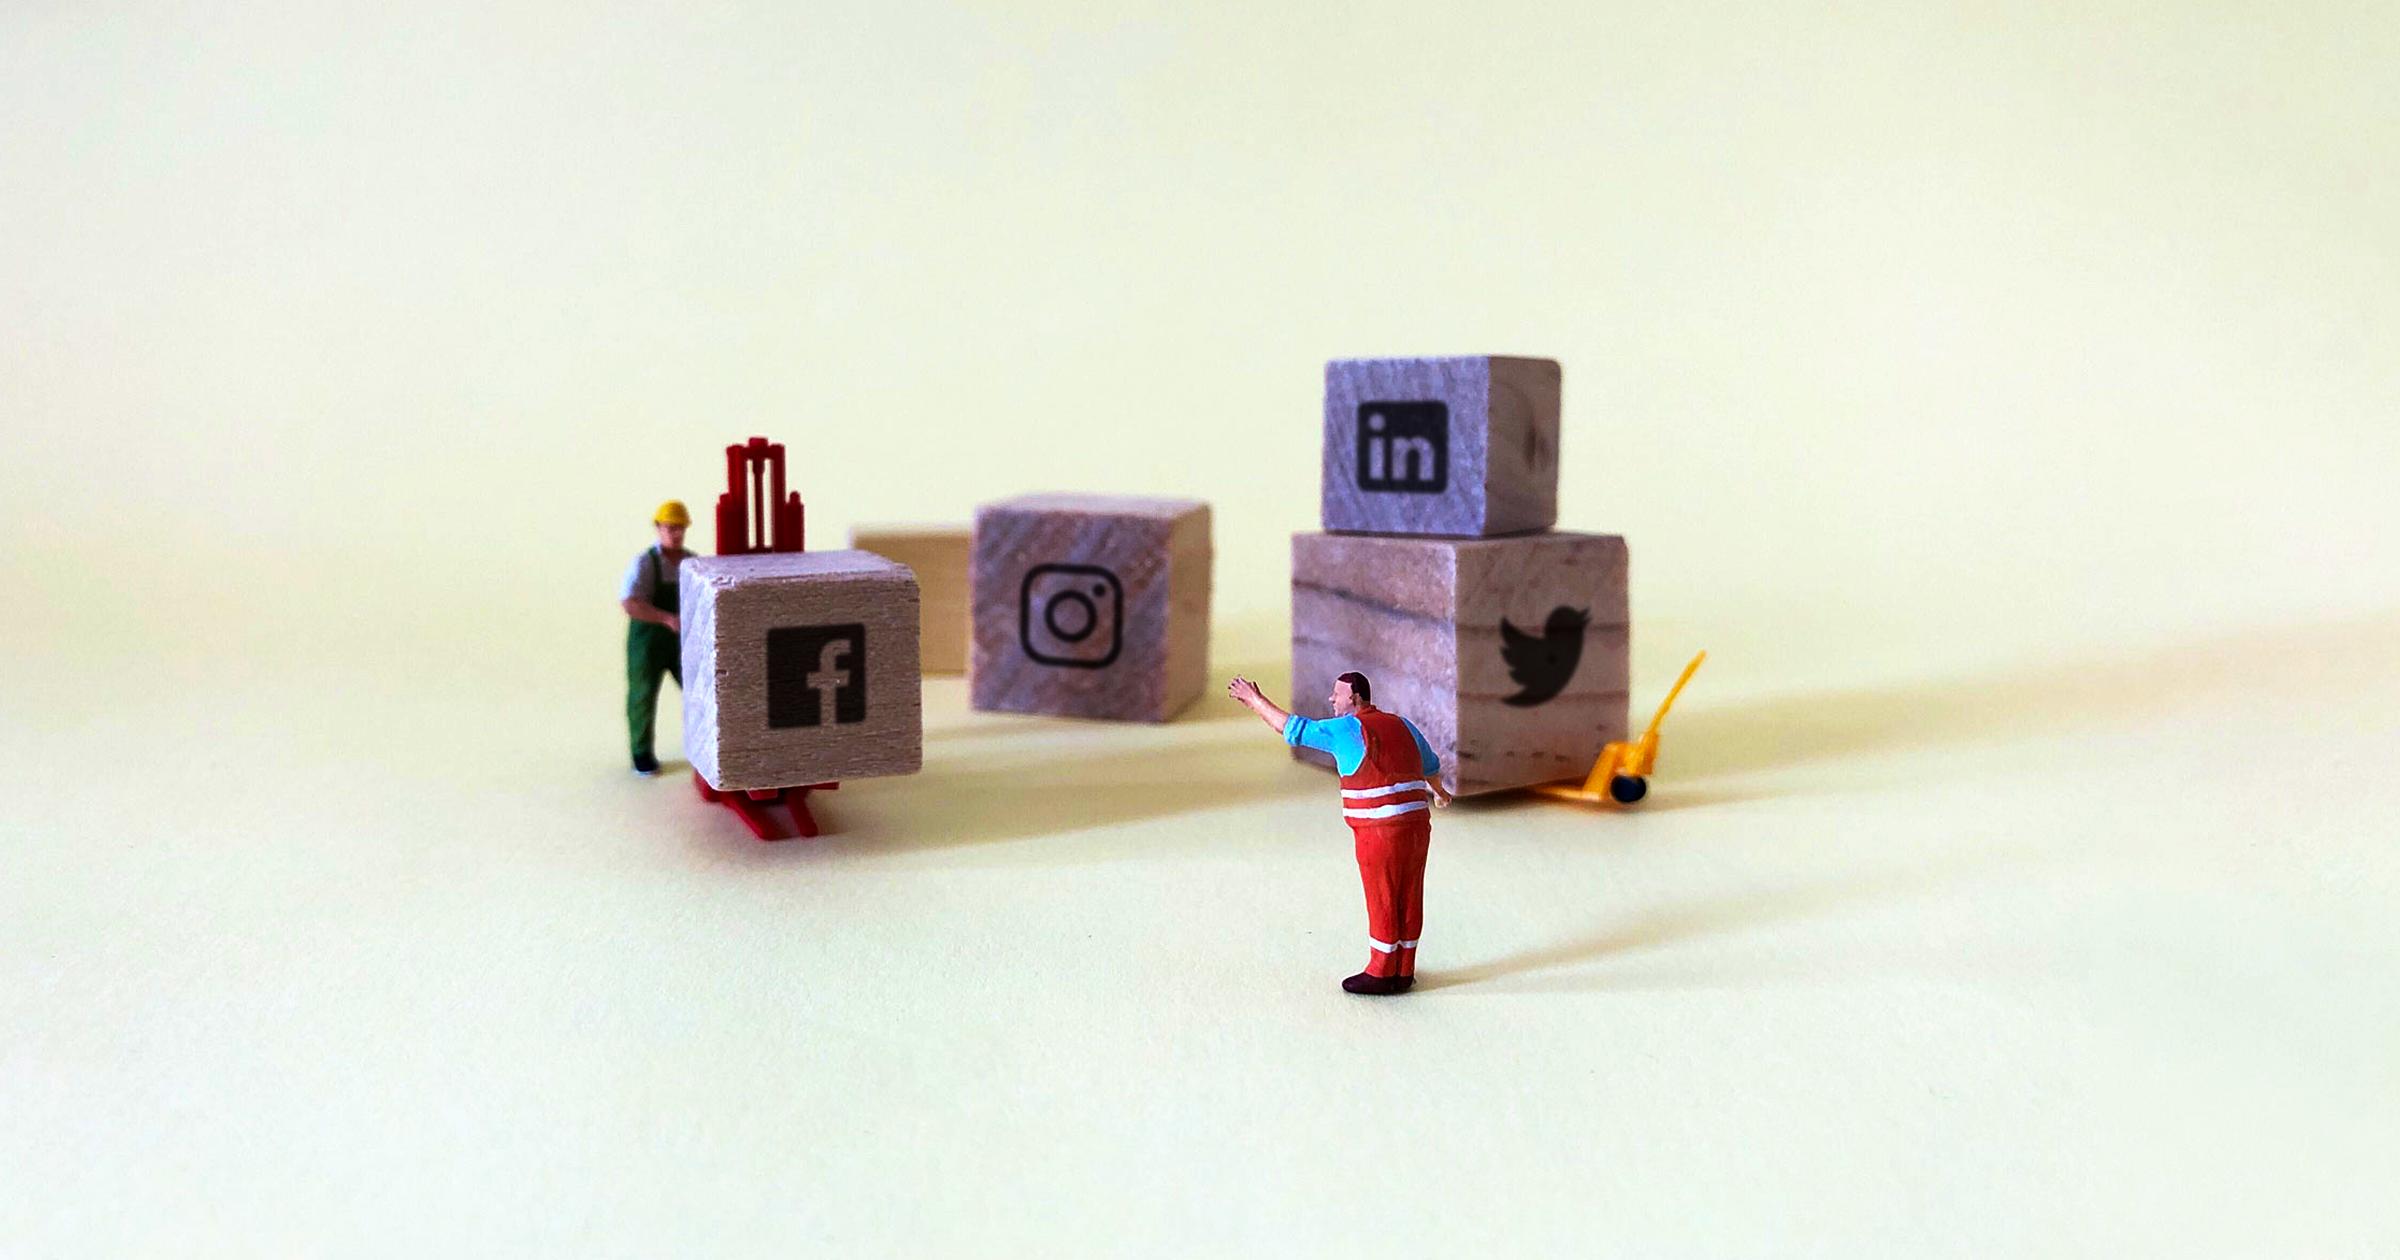 Die 7 besten Social-Media-Tools für einen einheitlichen Online-Auftritt